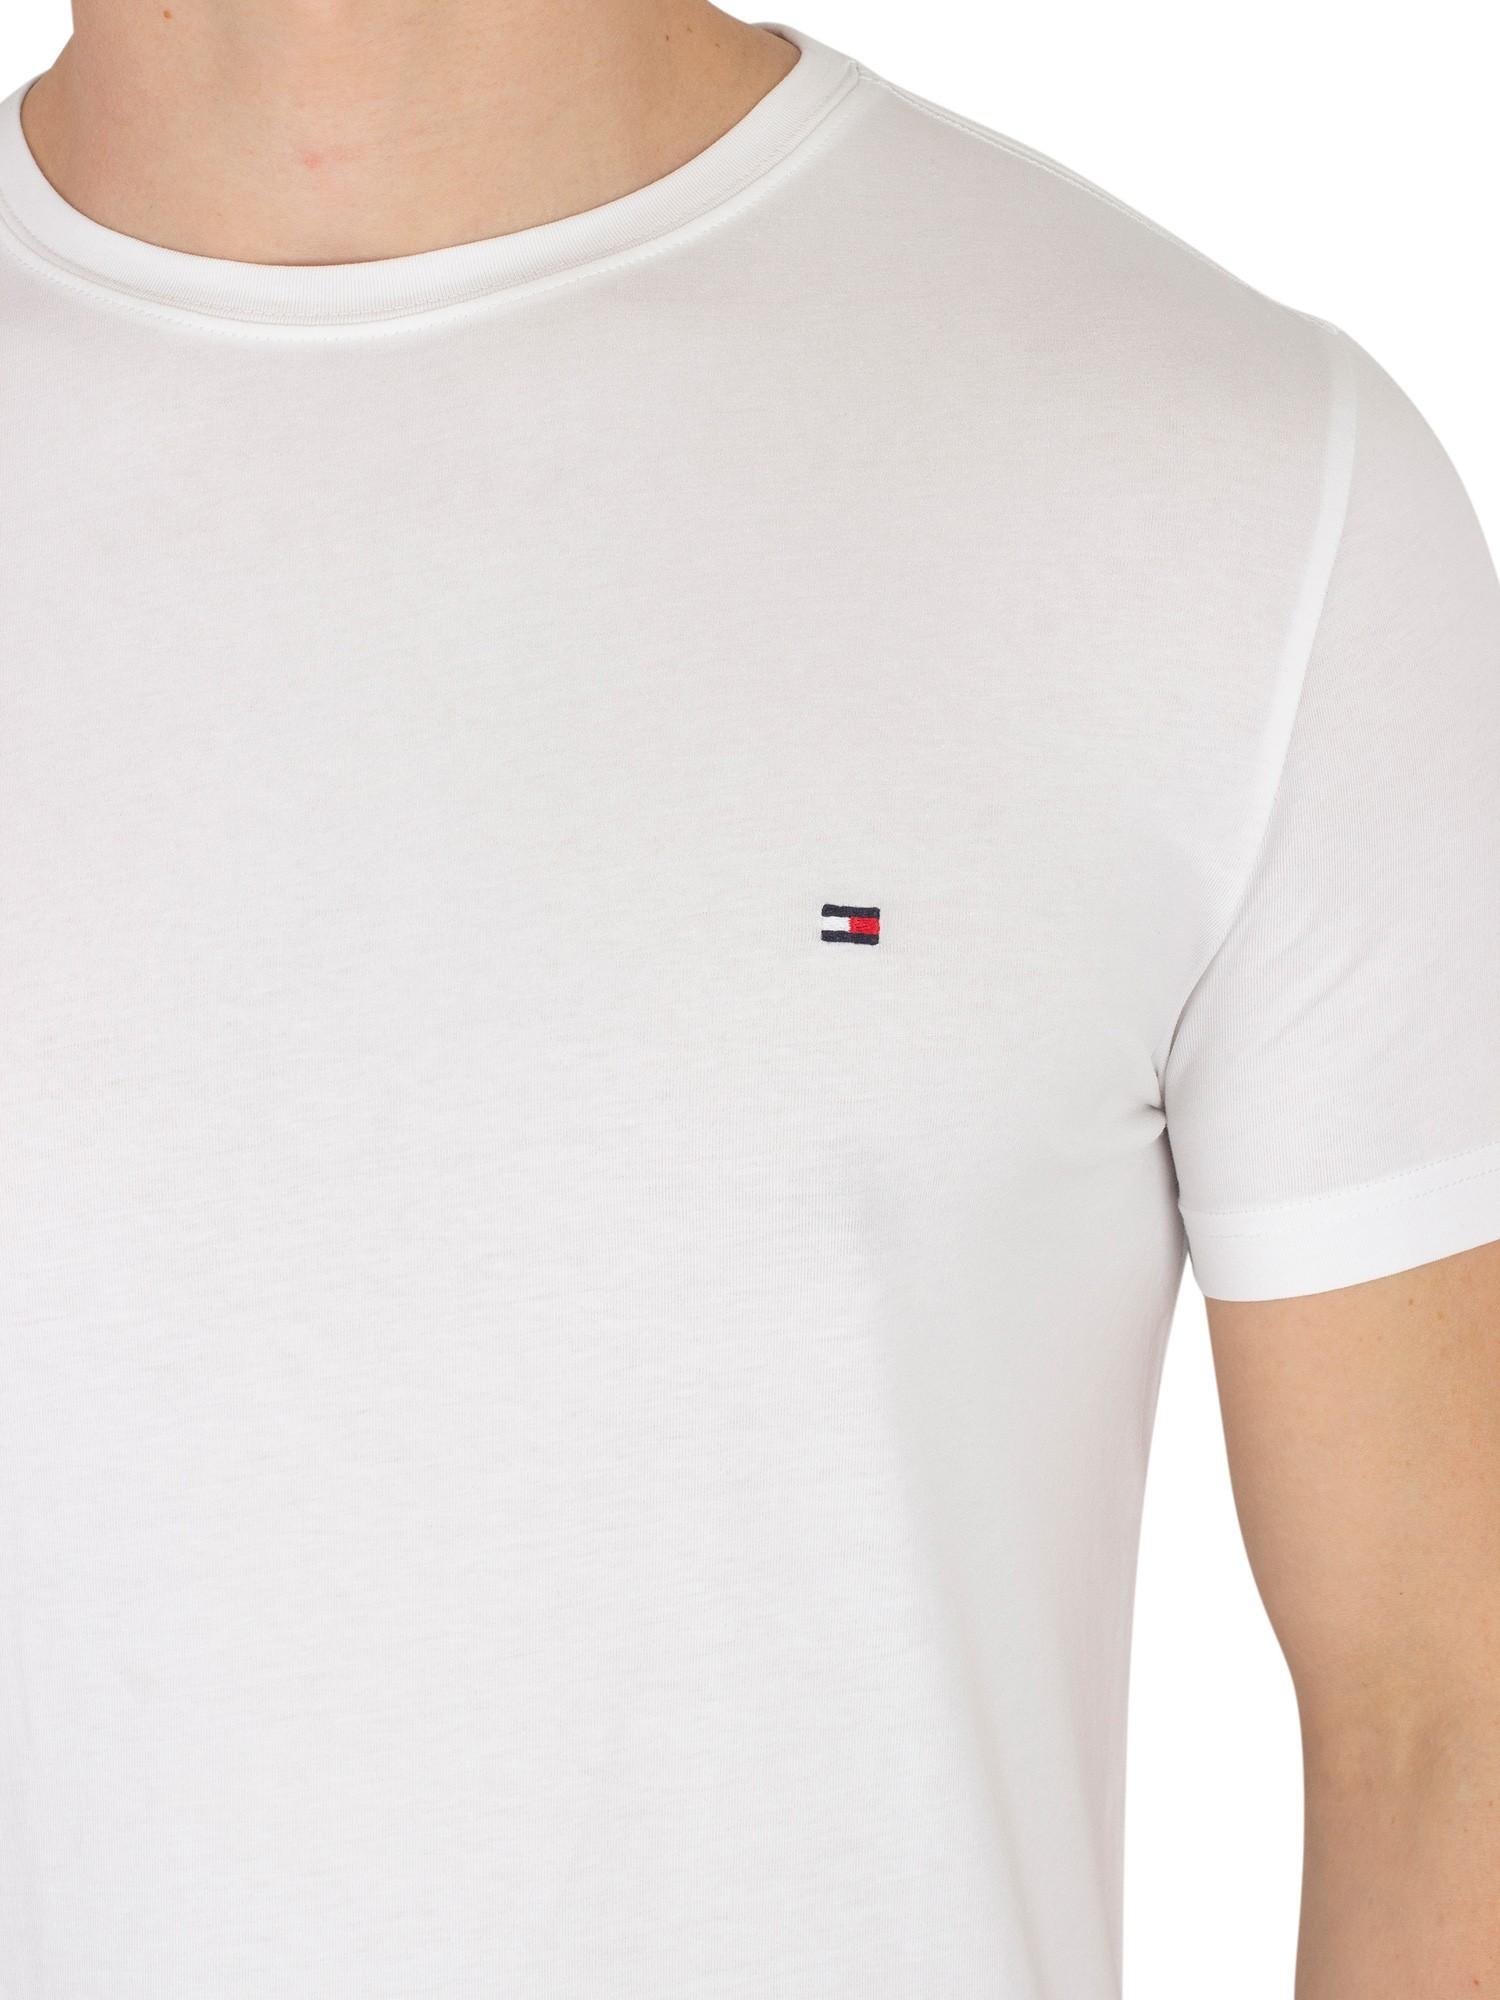 tommy hilfiger men 39 s slim fit stretch logo t shirt white. Black Bedroom Furniture Sets. Home Design Ideas